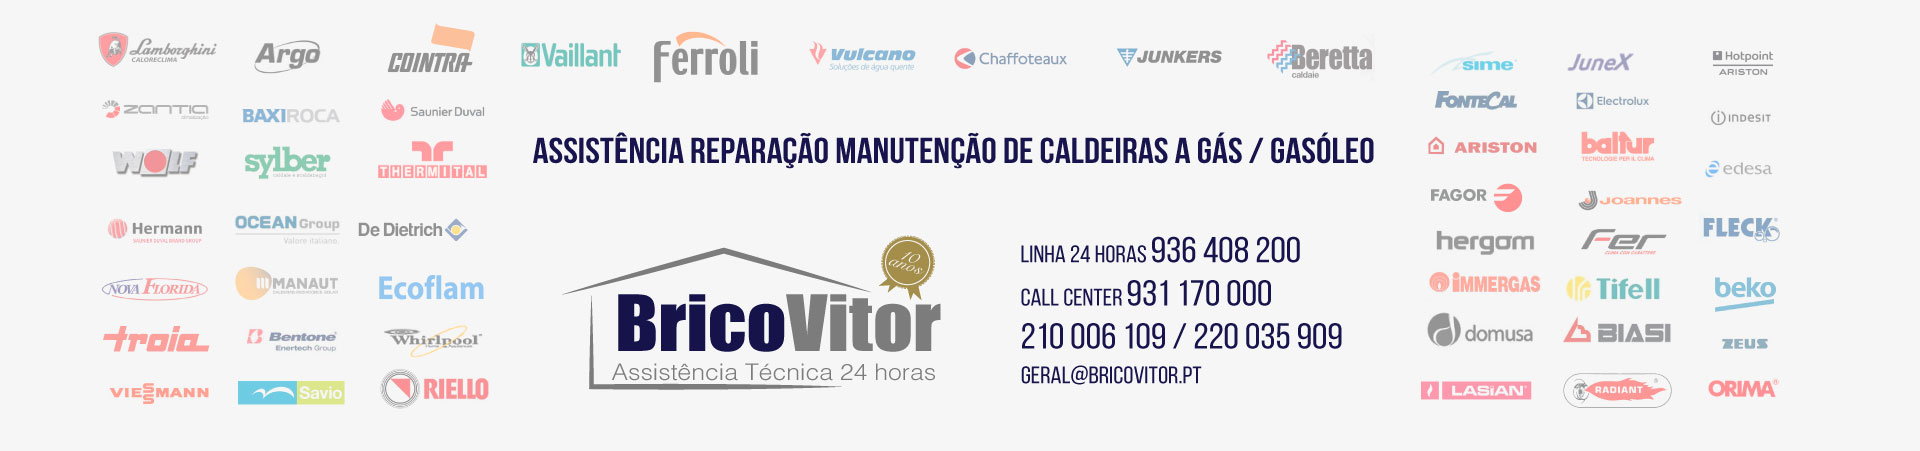 Empresa de Assistência Caldeiras Cardielos, Viana do Castelo 24H